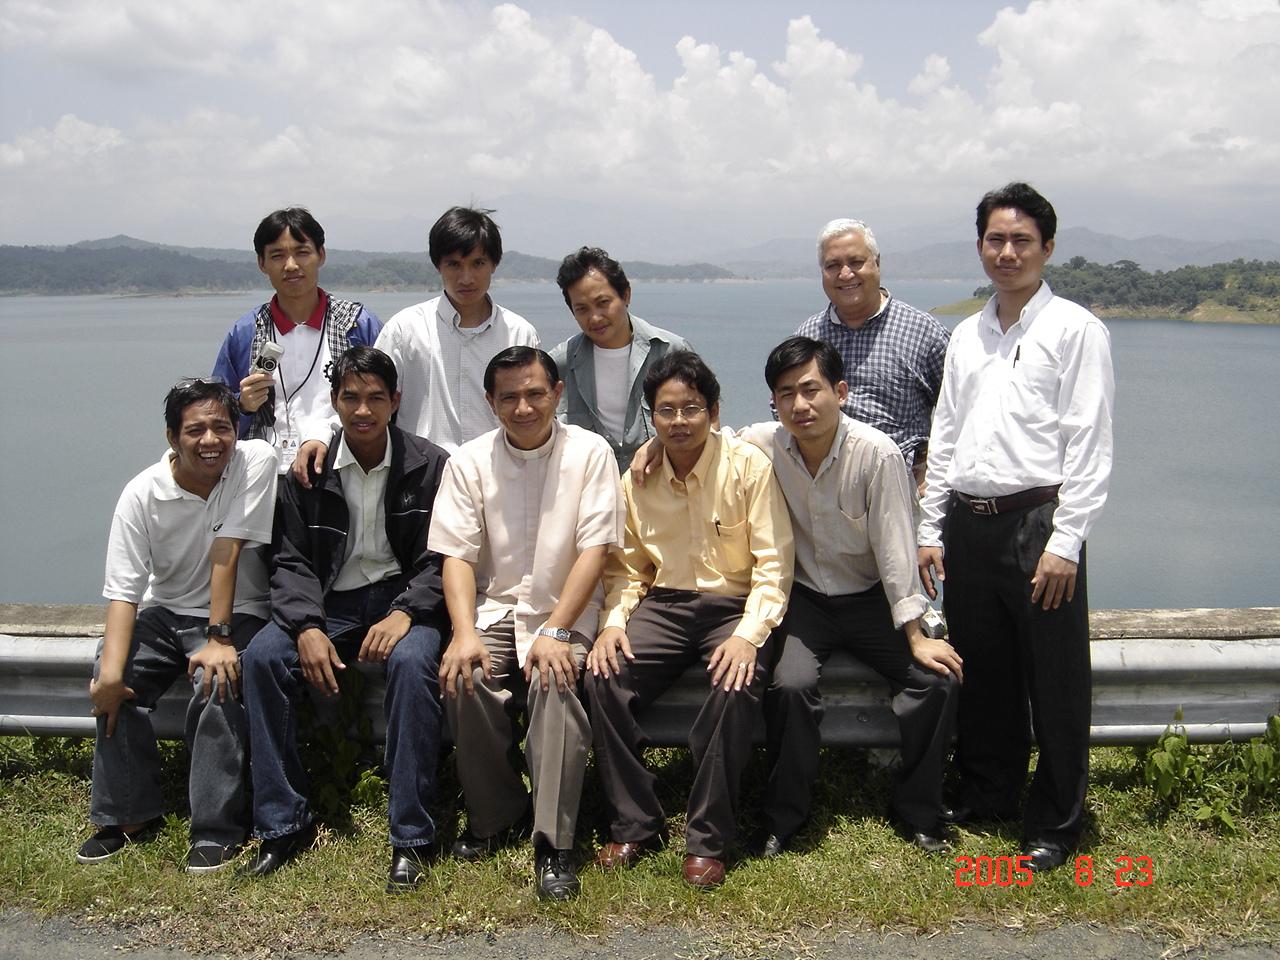 DSC01906, Sony DSC-P93A